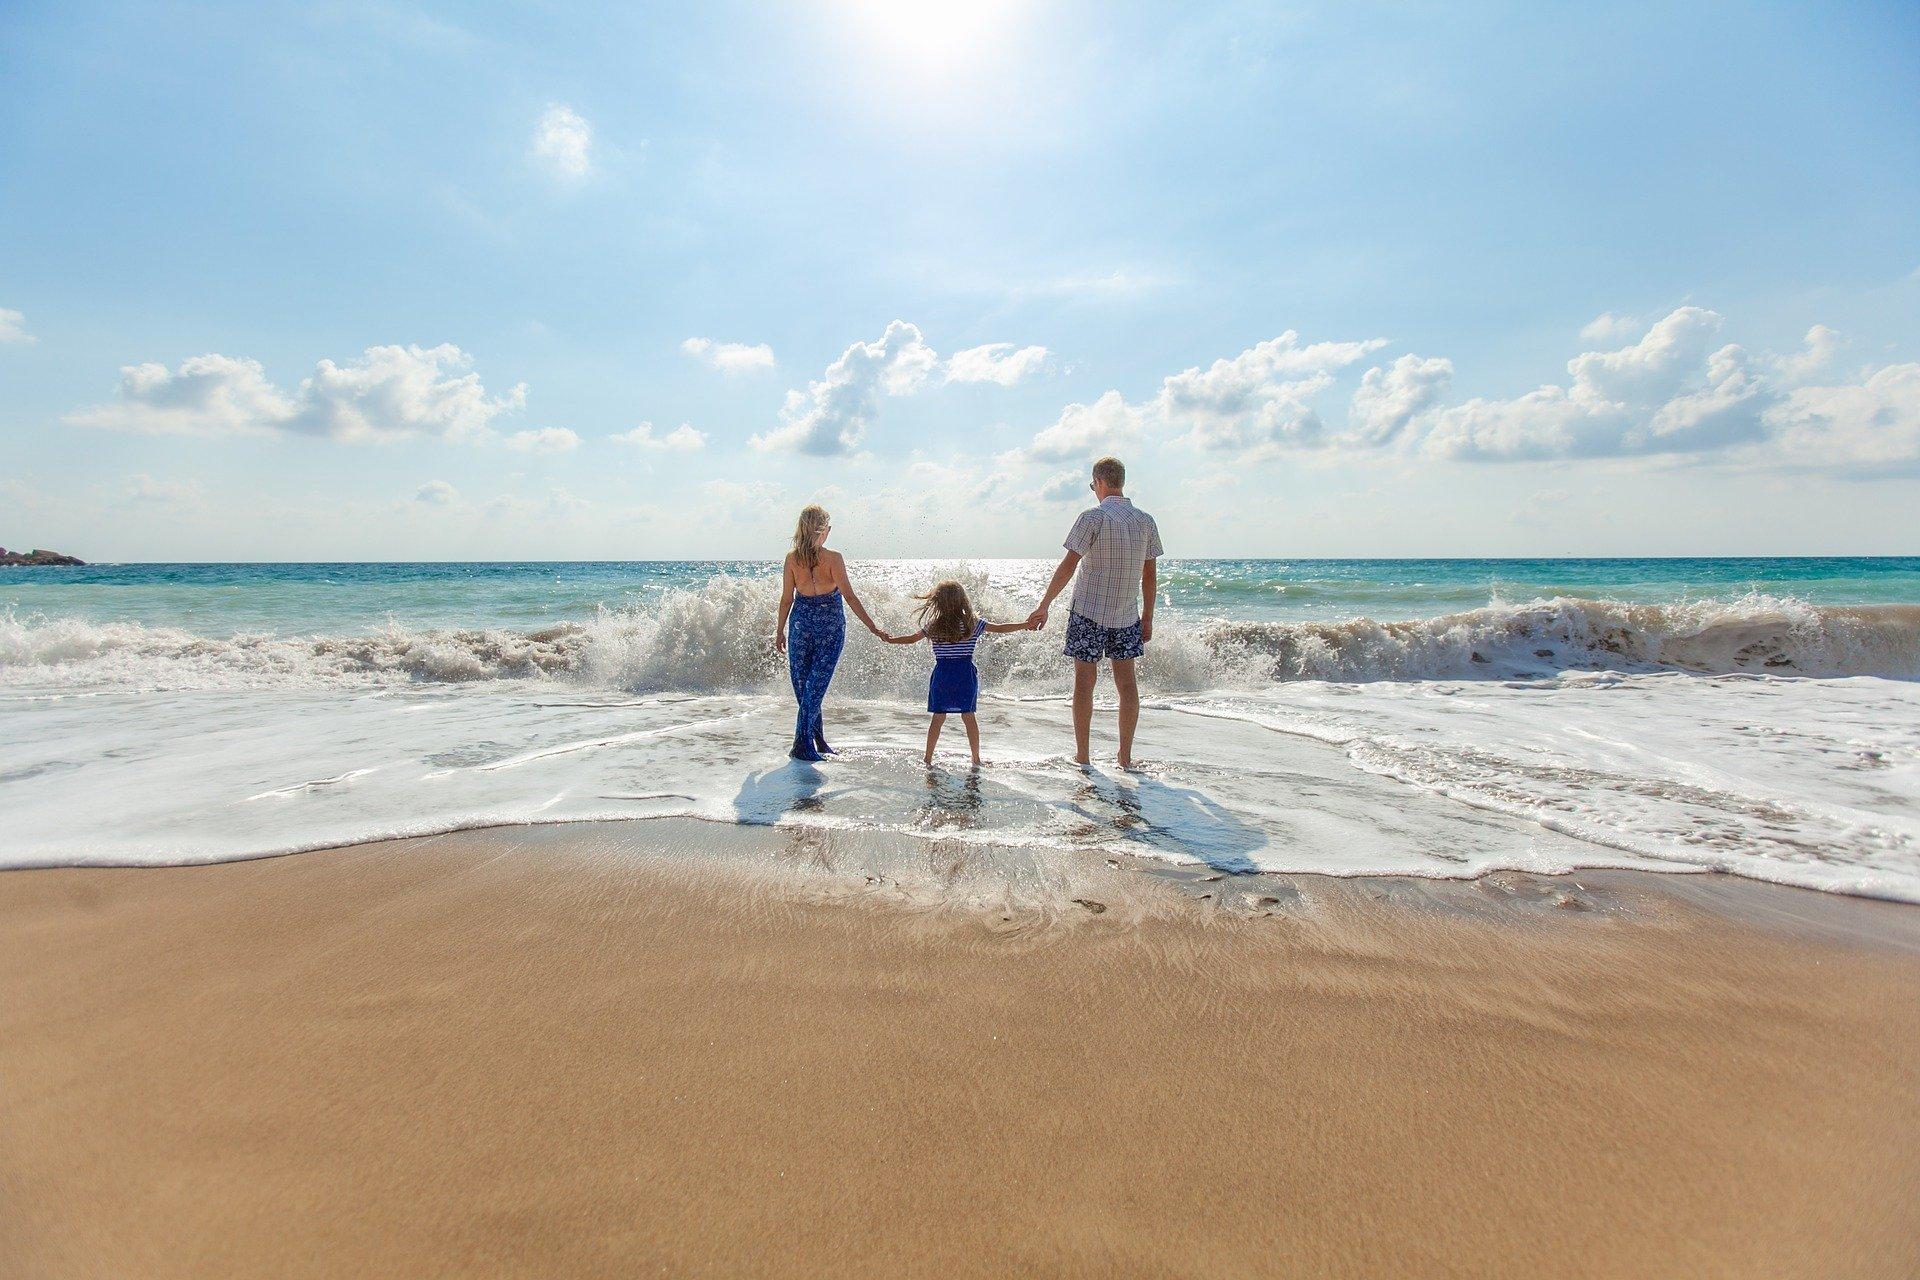 Partir en vacances en famille : conseils pour un voyage réussi